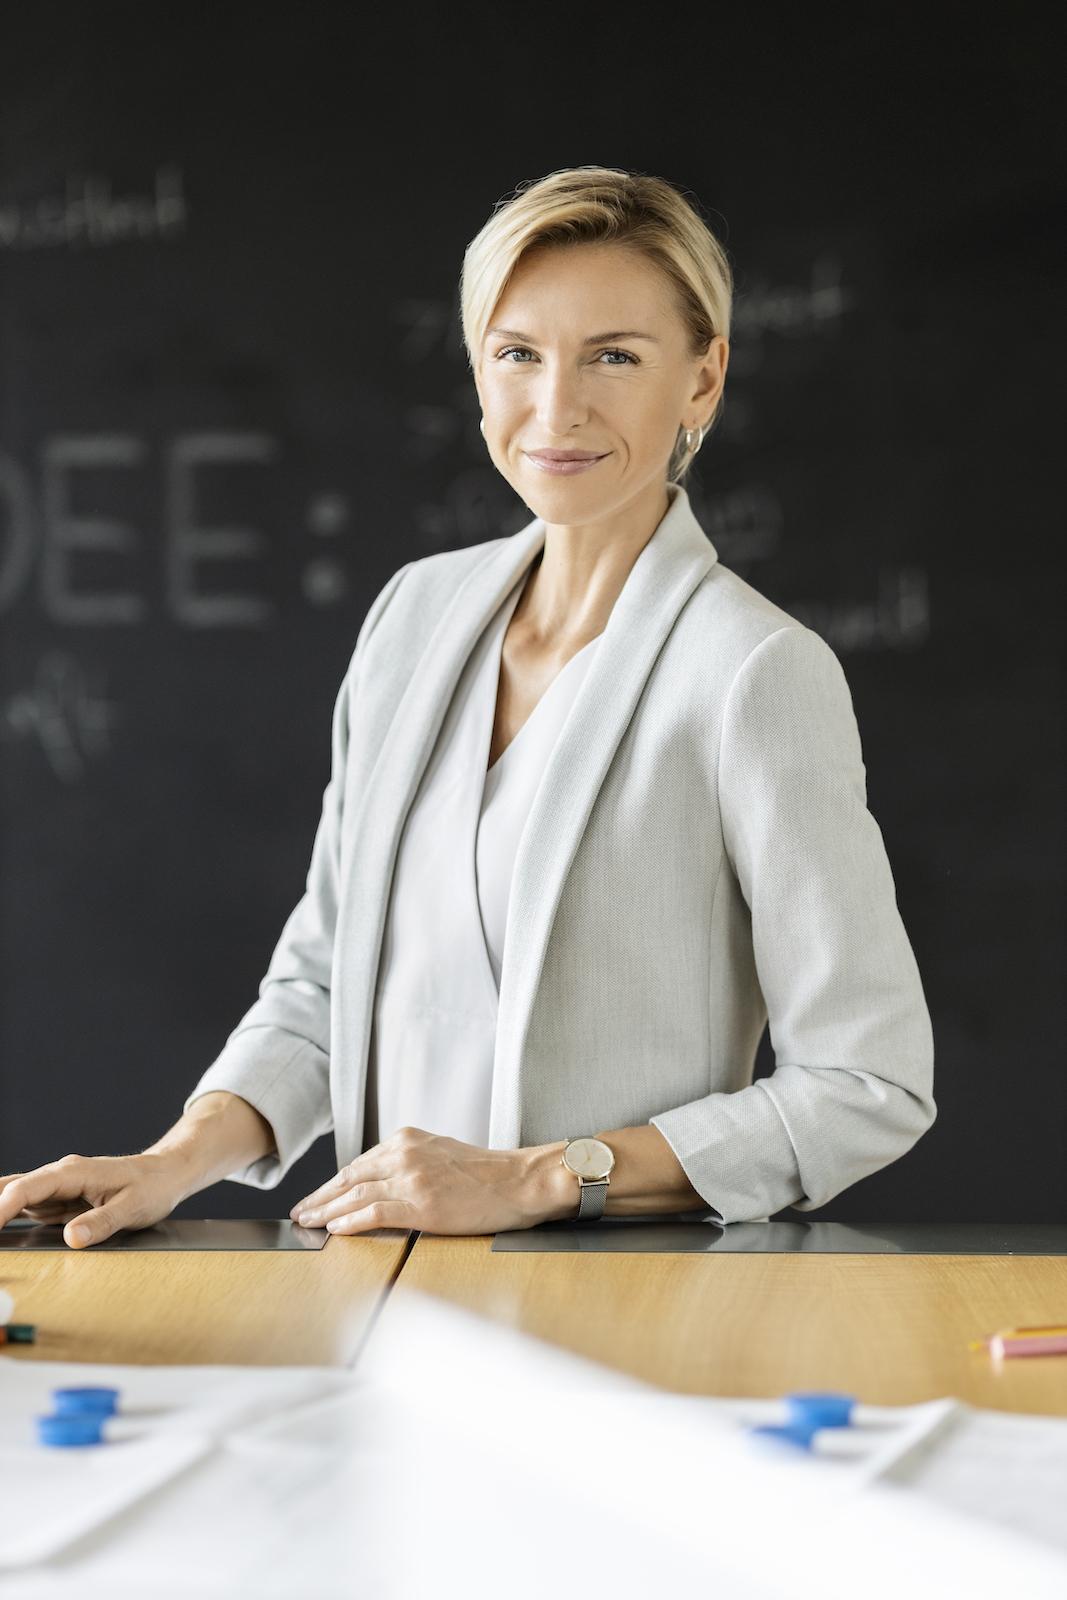 weibliche Führungskraft an Tisch mit Tafel